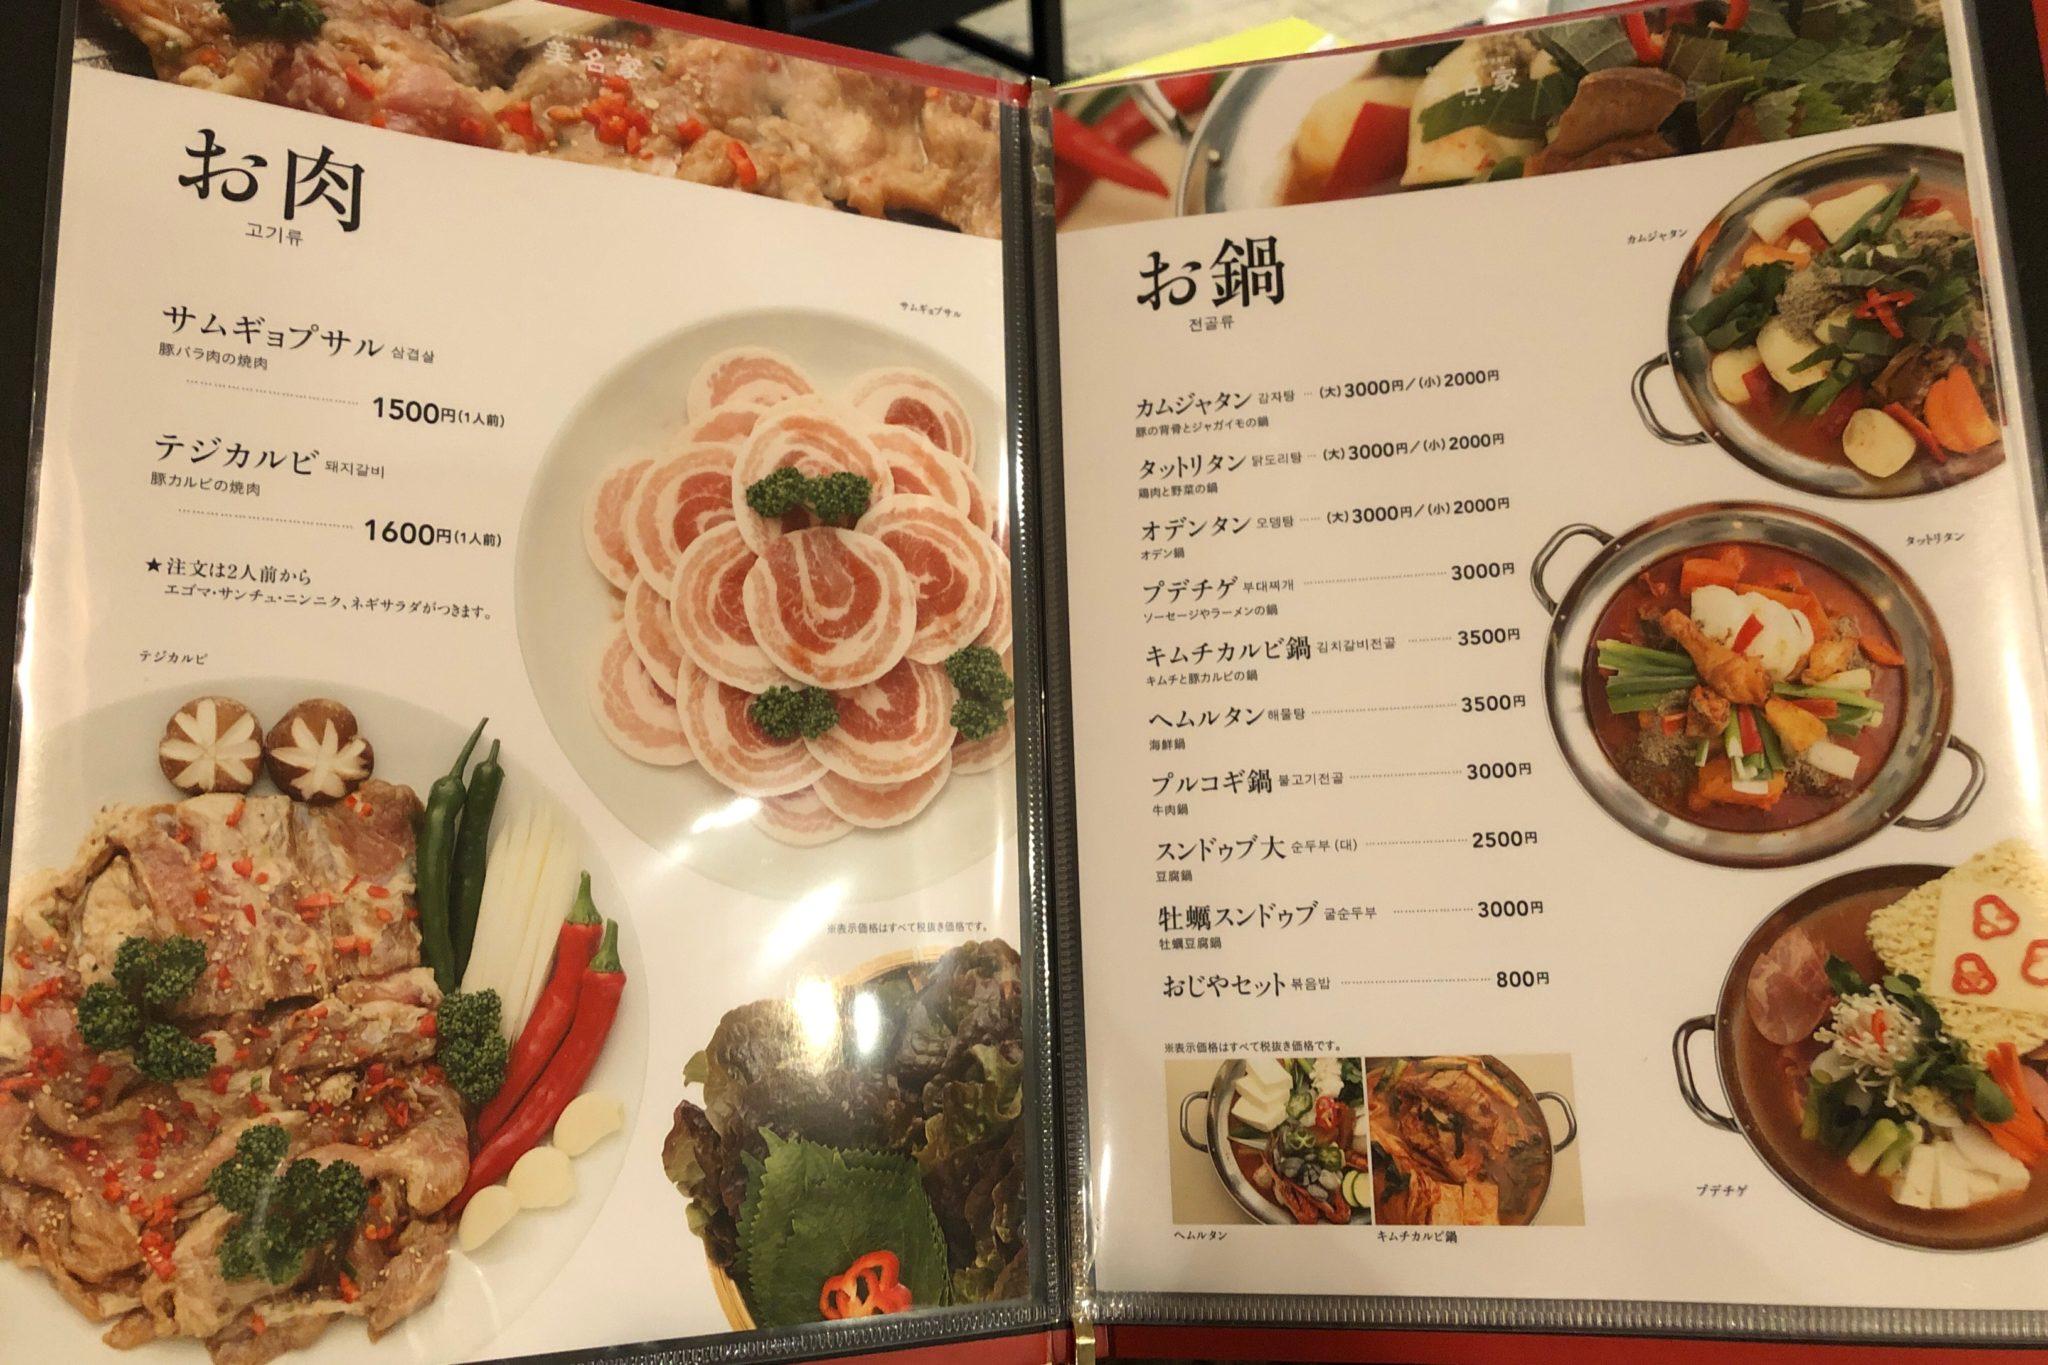 新大久保の韓国料理屋 美名家(ミナヤ)の鍋料理